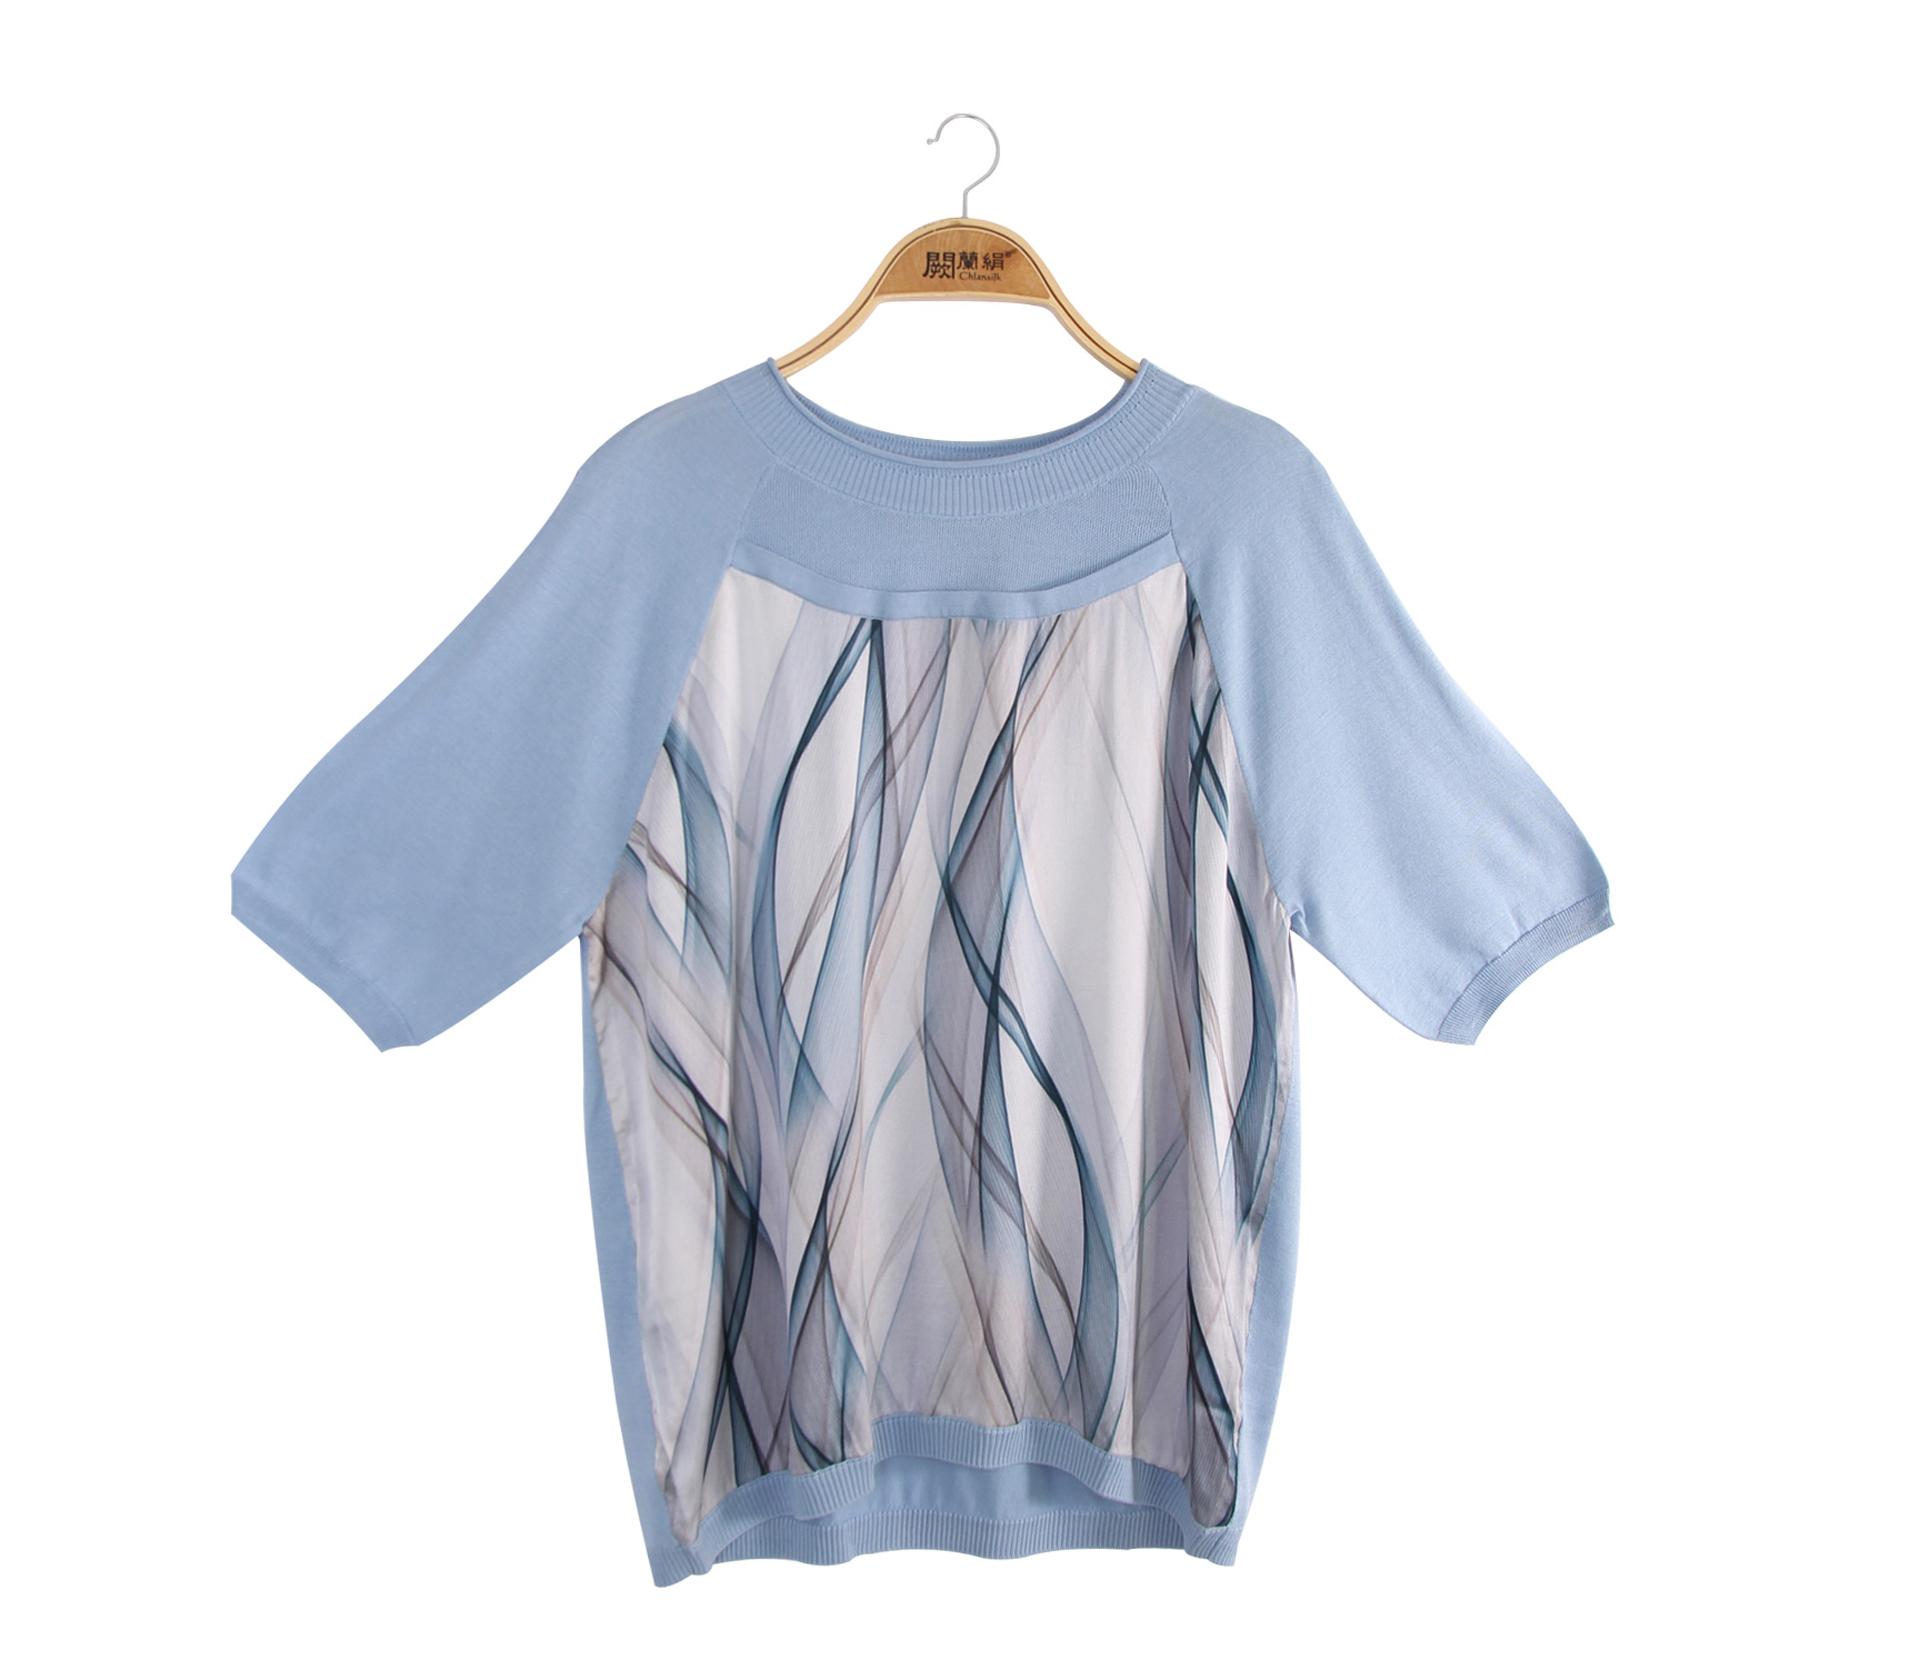 闕蘭絹拼接雪紡水波紋蠶絲針織上衣 - 藍色 - 6623